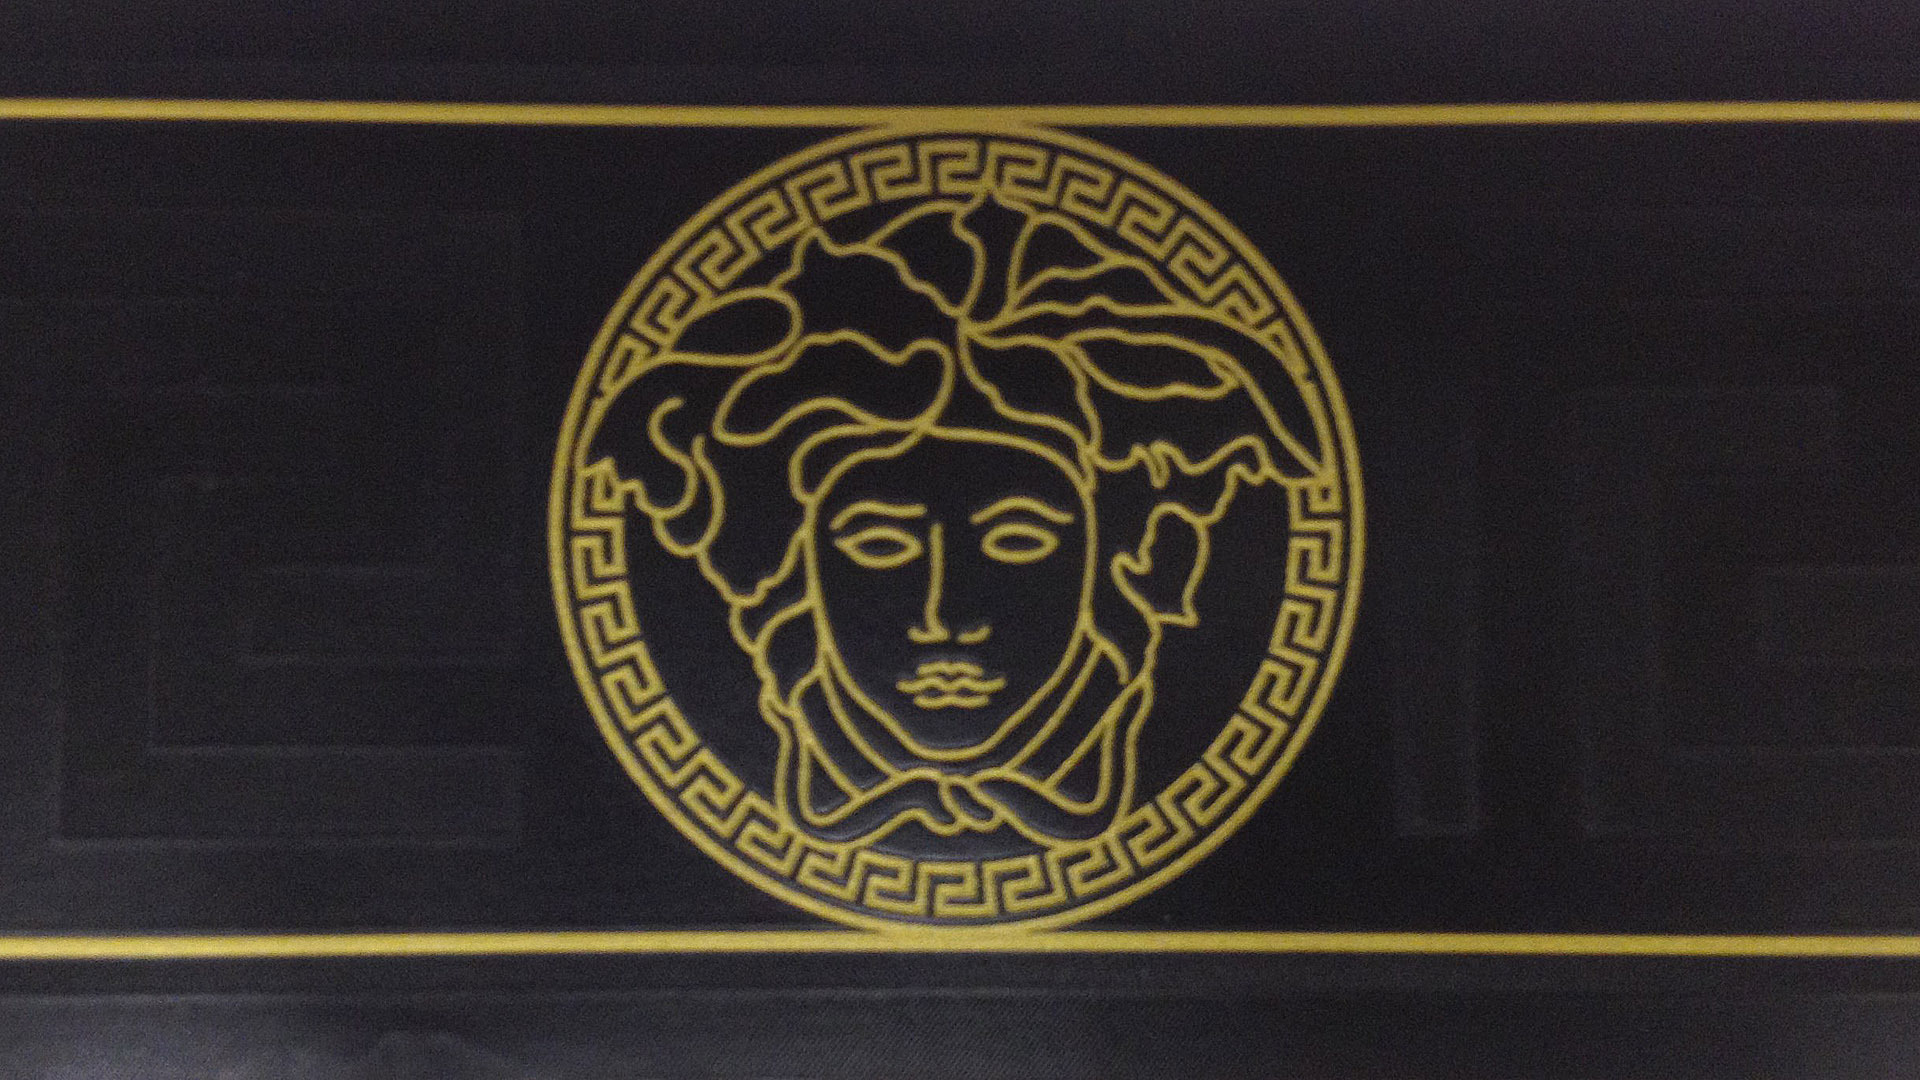 Versace Wallpaper Versace Gold Wallpaper Hd 39161 Hd Wallpaper Backgrounds Download